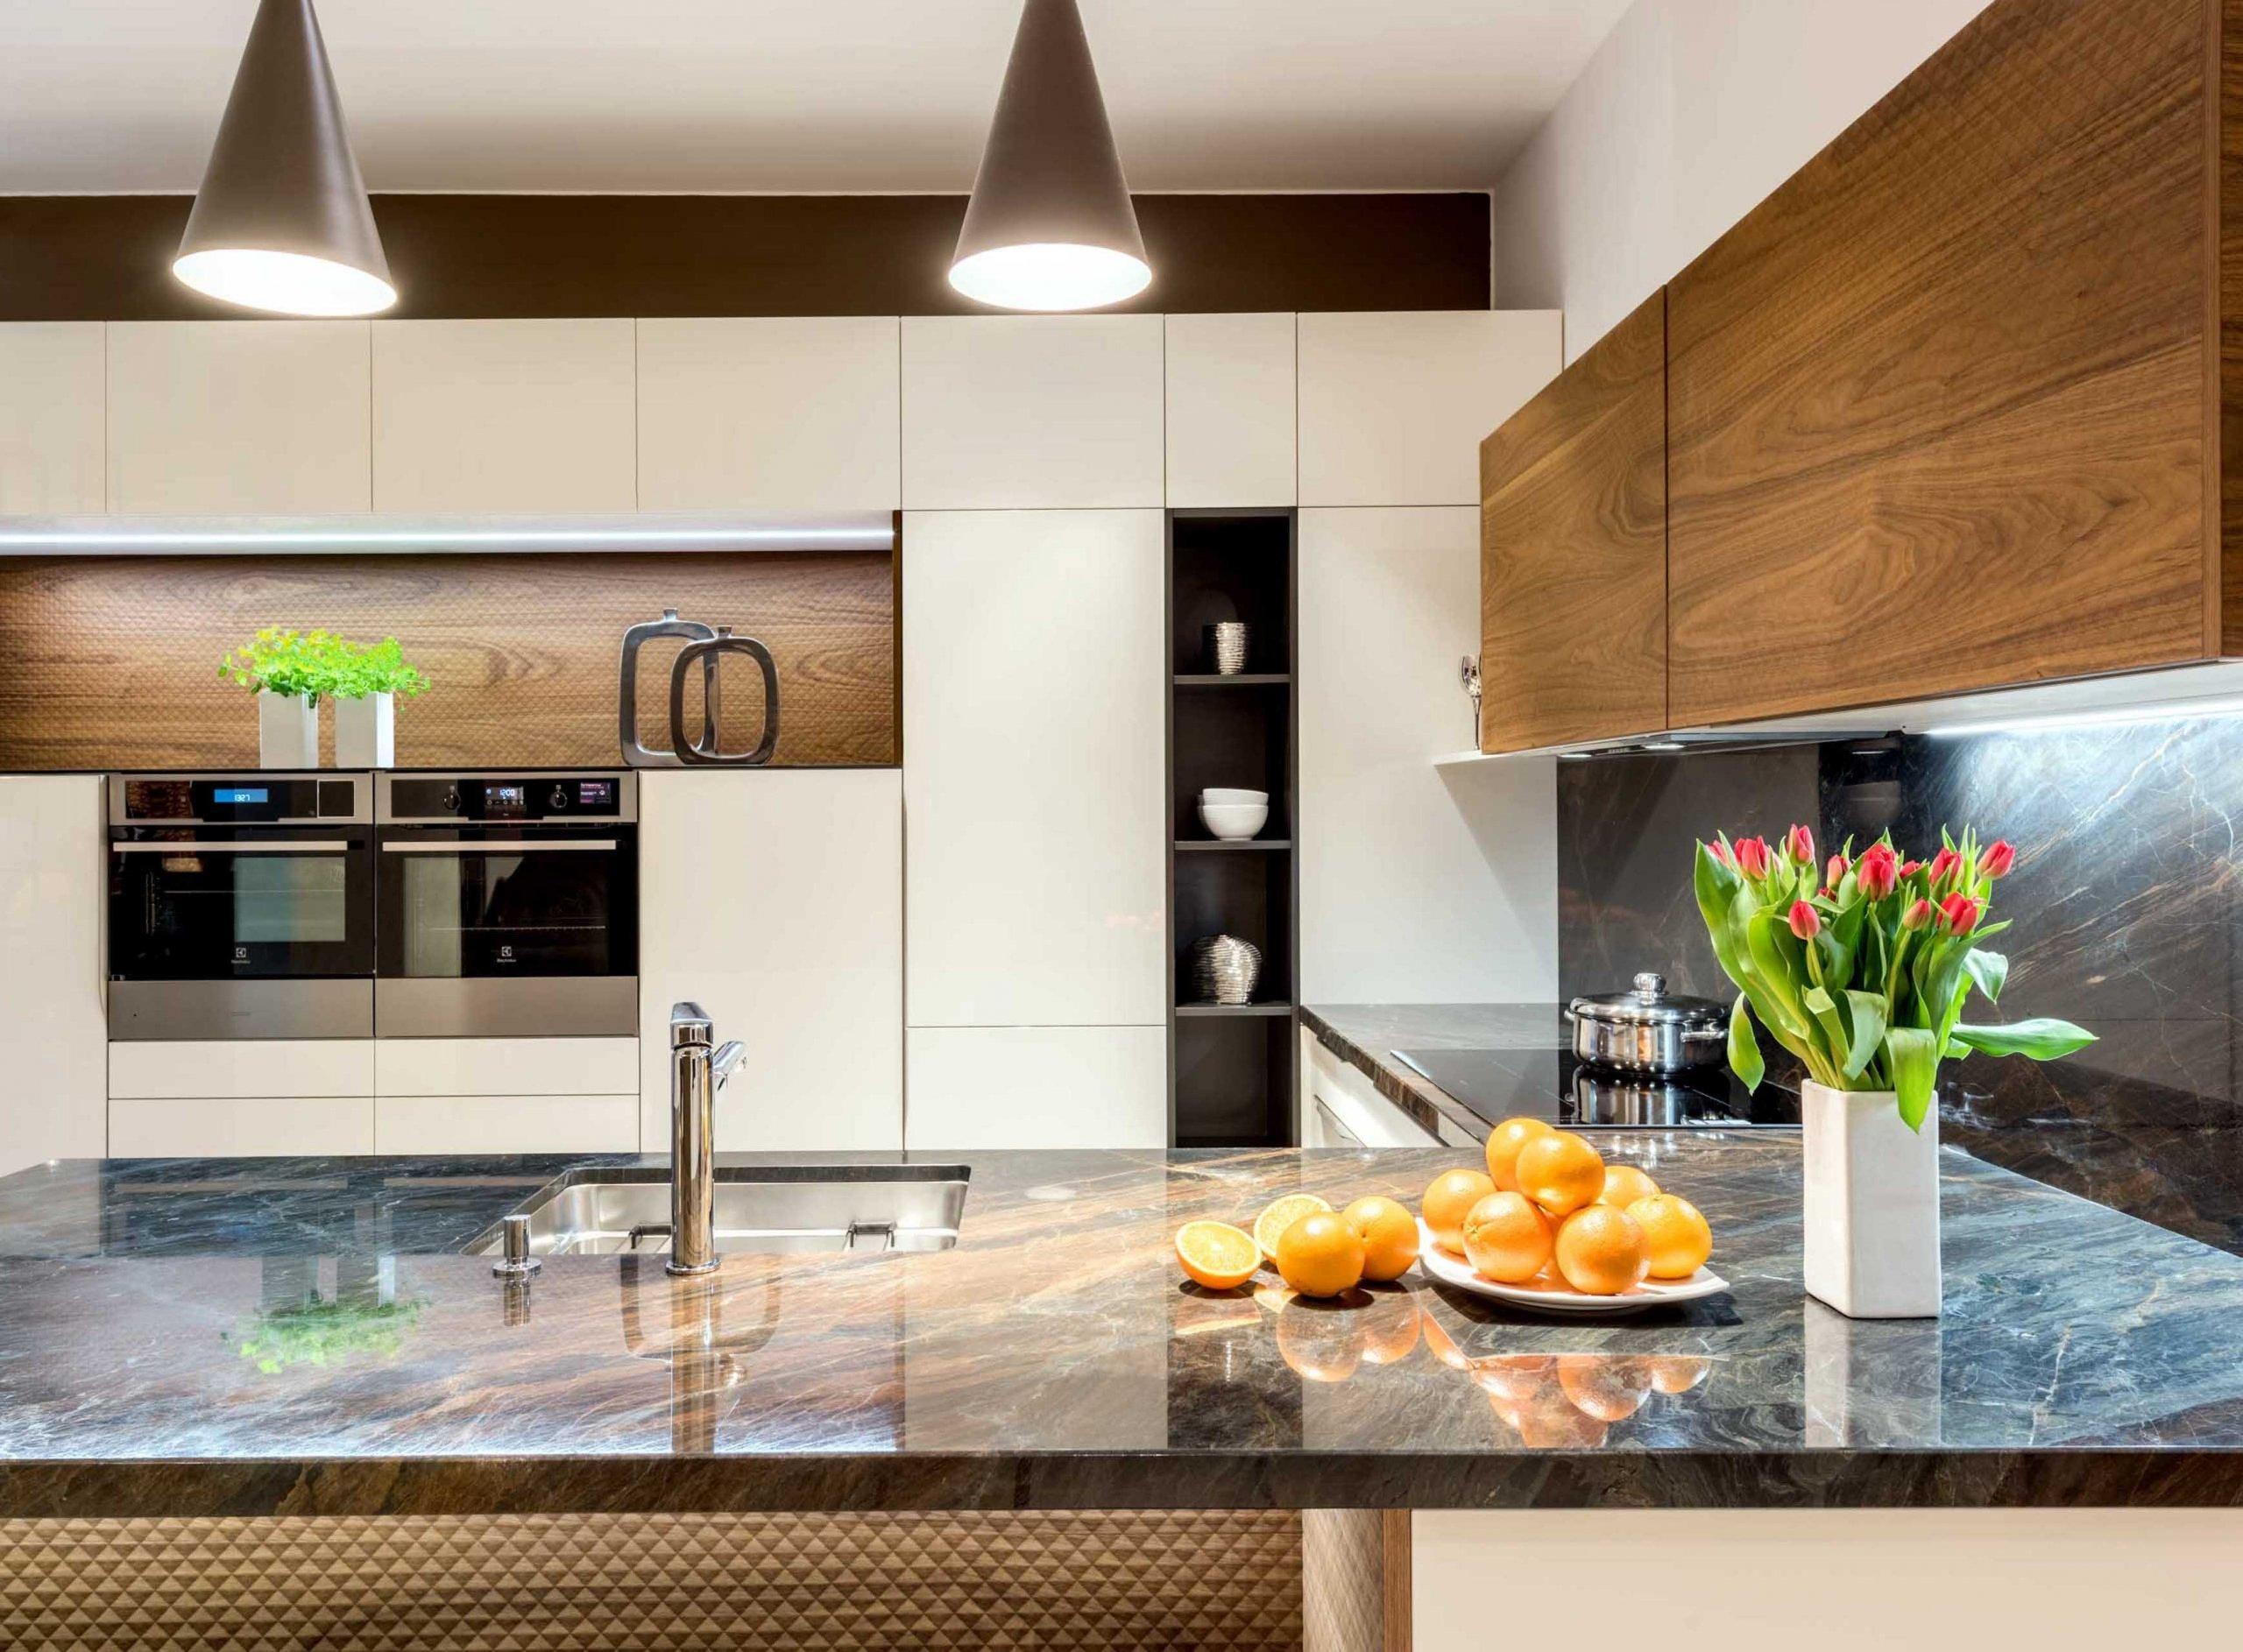 Kuchyně už dávno neslouží jen jako praktický prostor pro vaření a stravování. Tento frekventovaný a domácí pohodou provoněný koutek se zejména v moderních časech stává opravdovou designovou záležitostí. Pokud navíc patříte mezi milovníky umění, co říkáte nápadu proměnit kuchyni v okázalou galerii?